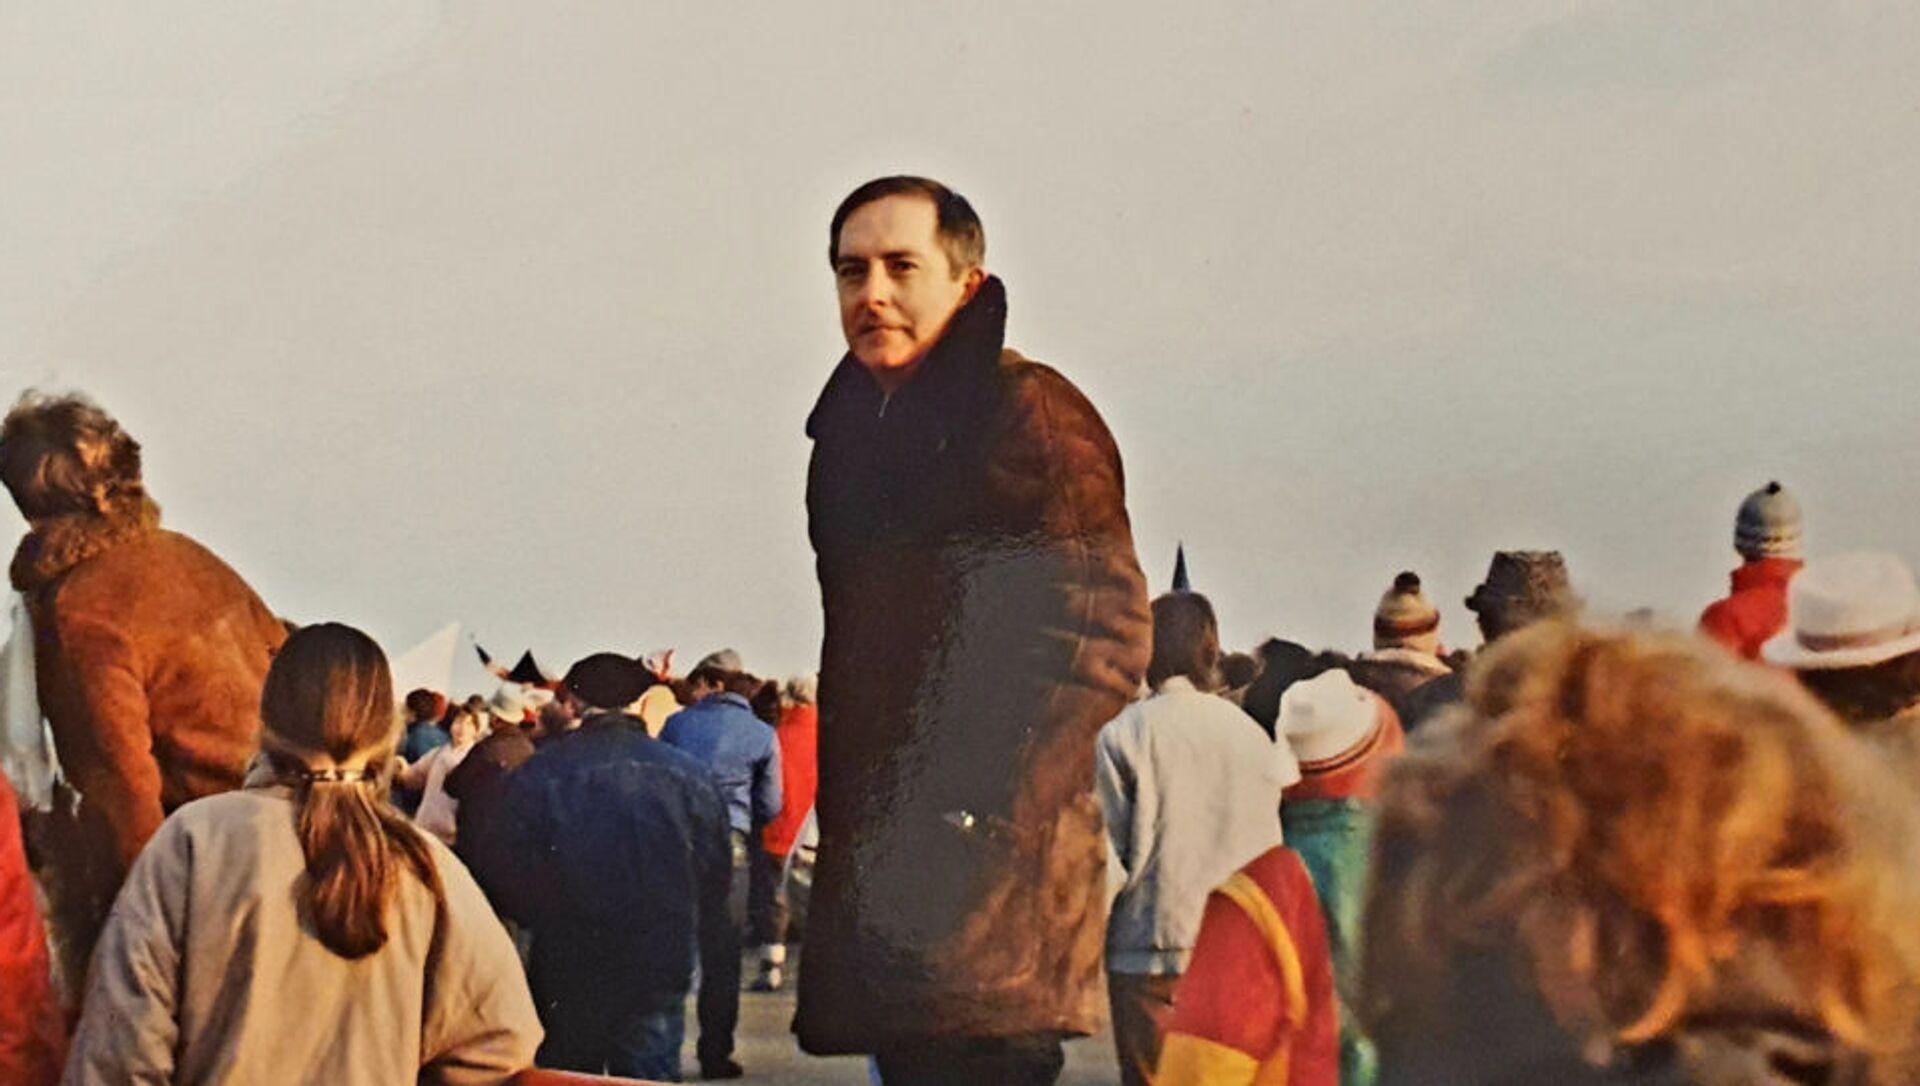 Jaime Rocha, un espía gaditano en la Libia de Gadaffi - Sputnik Mundo, 1920, 21.01.2021